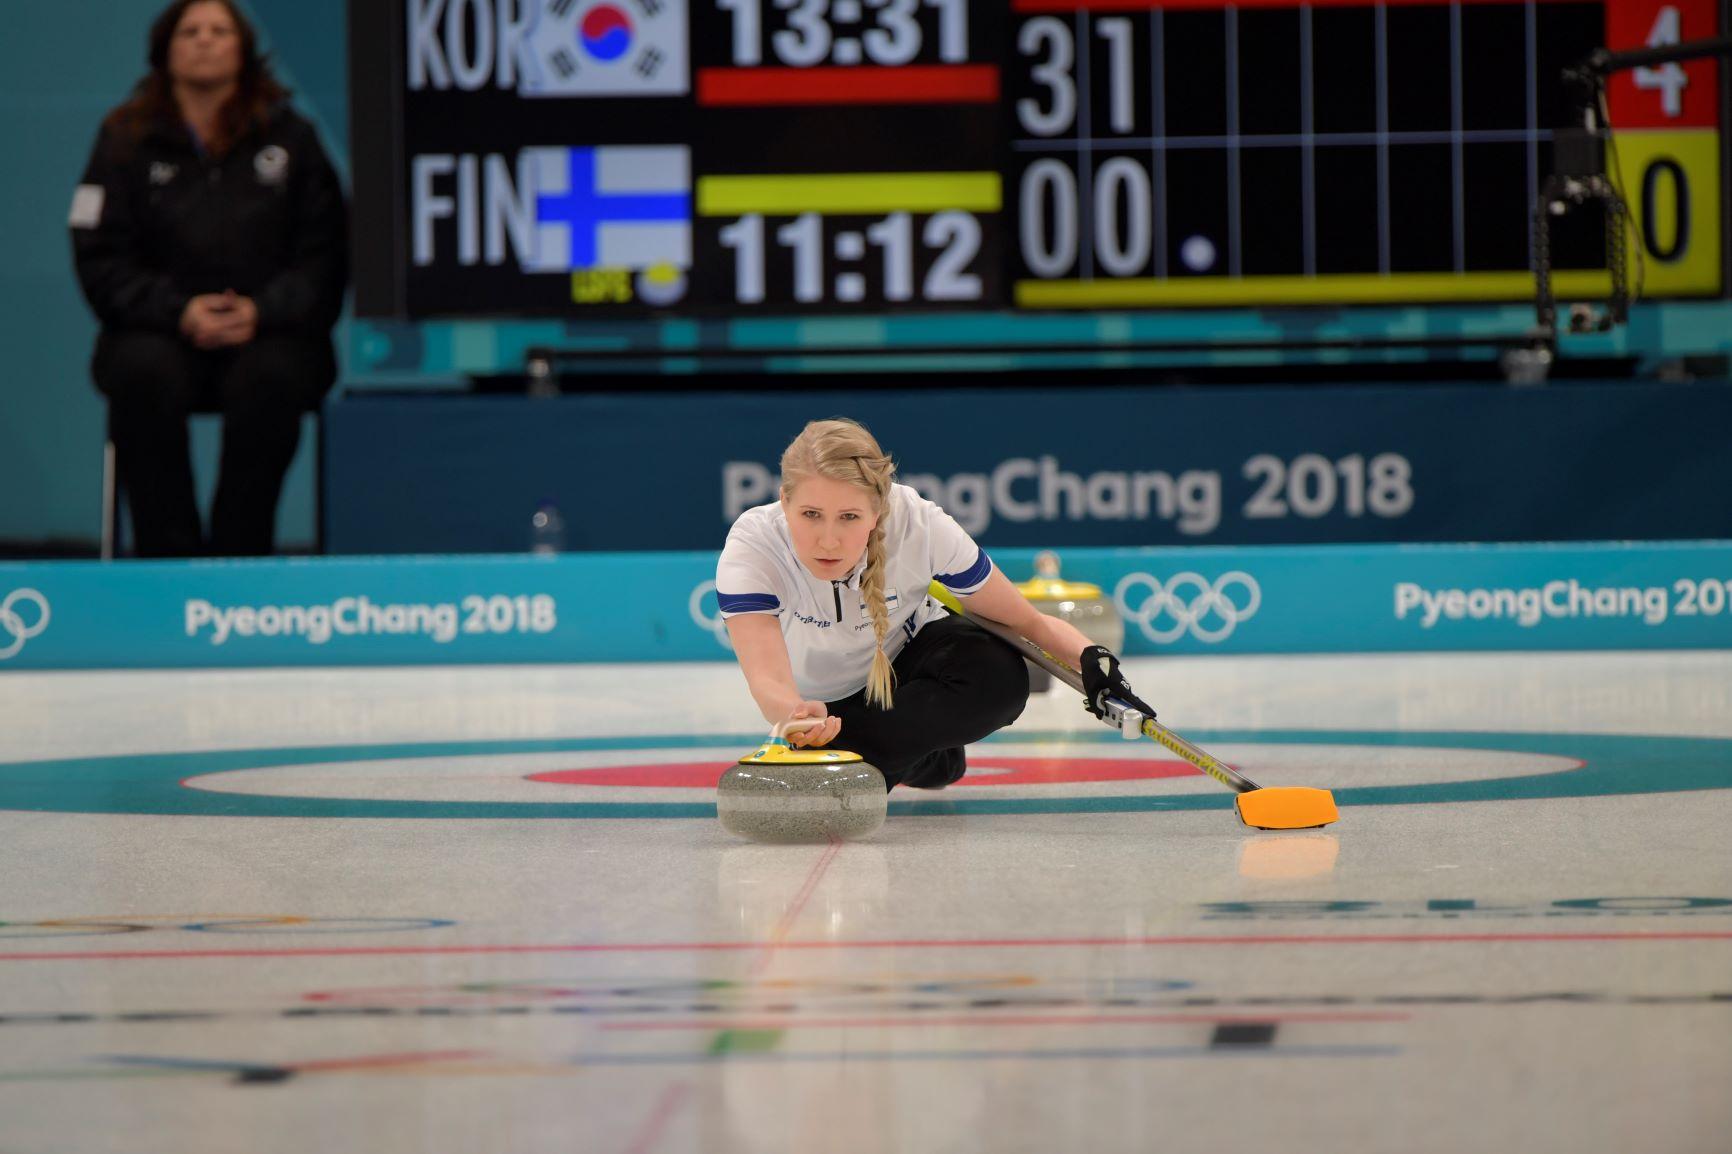 Curlingpelaaja pitää kiinni kivestä ja liukuu jäällä